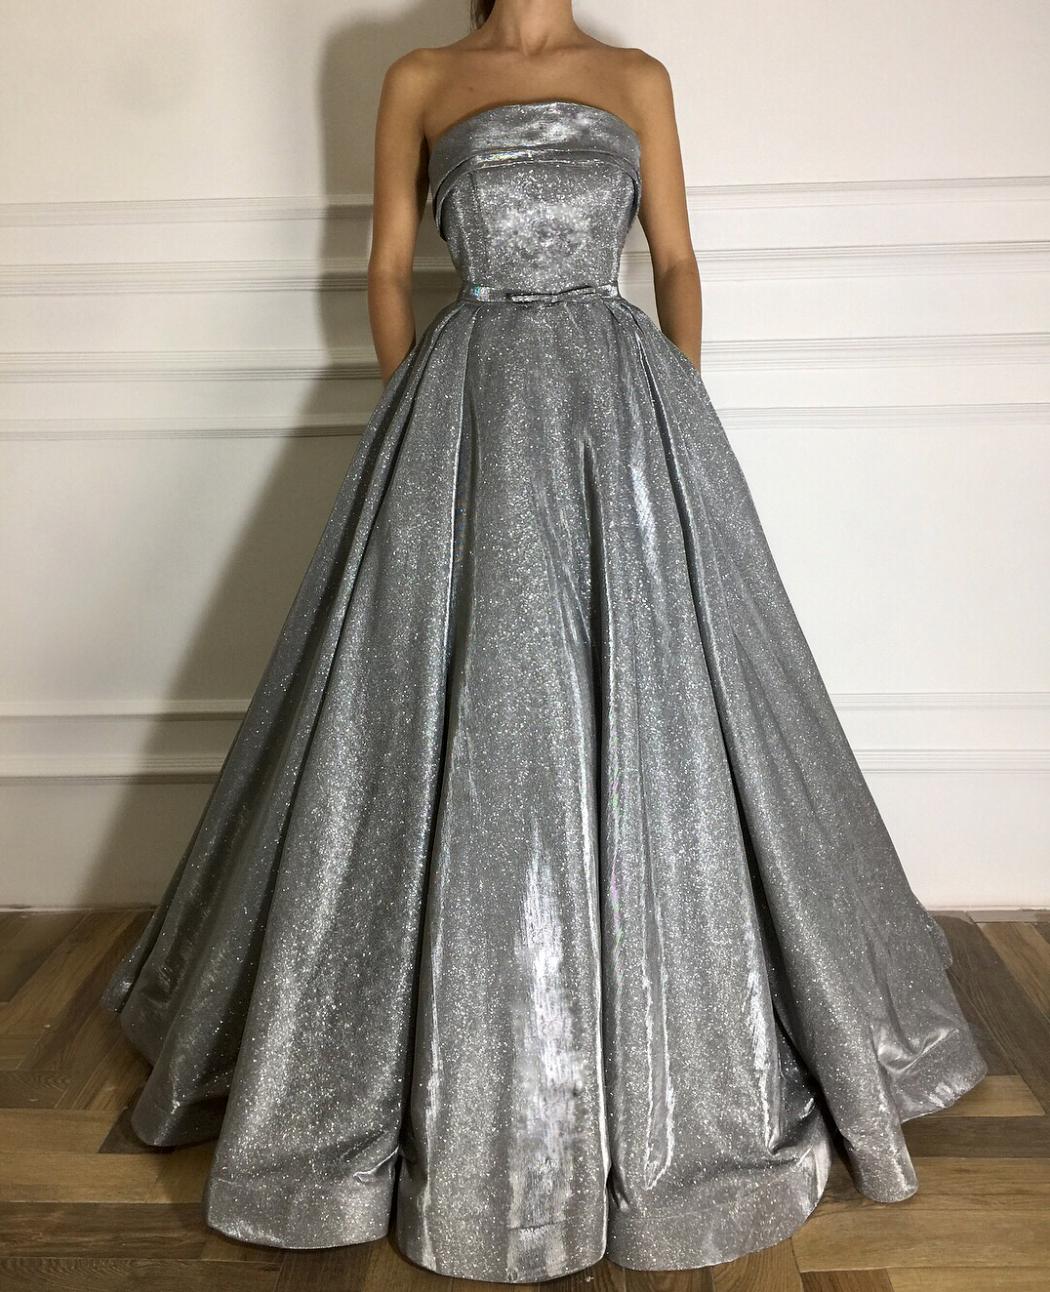 Quiet Sentiment Tmd Gown Teuta Matoshi Duriqi Gowns Fancy Dresses Prom Dresses Long [ 1292 x 1050 Pixel ]